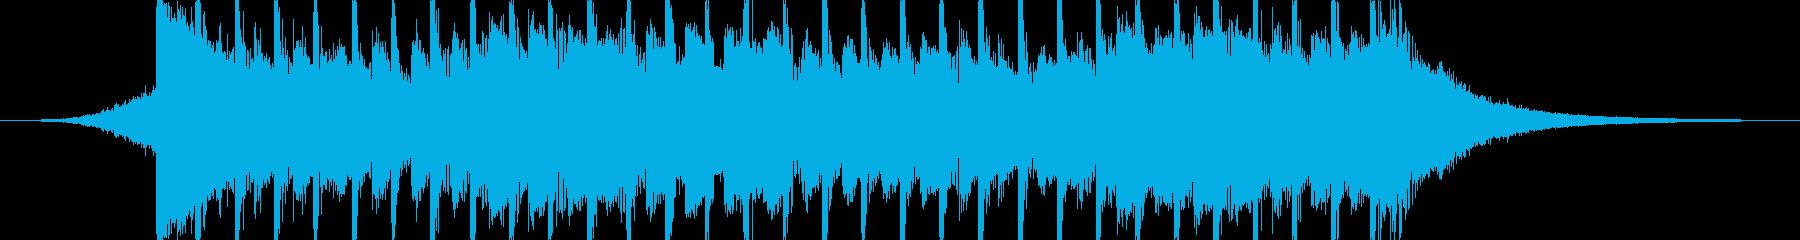 企業VP向け、爽やかポップ4つ打ち13cの再生済みの波形